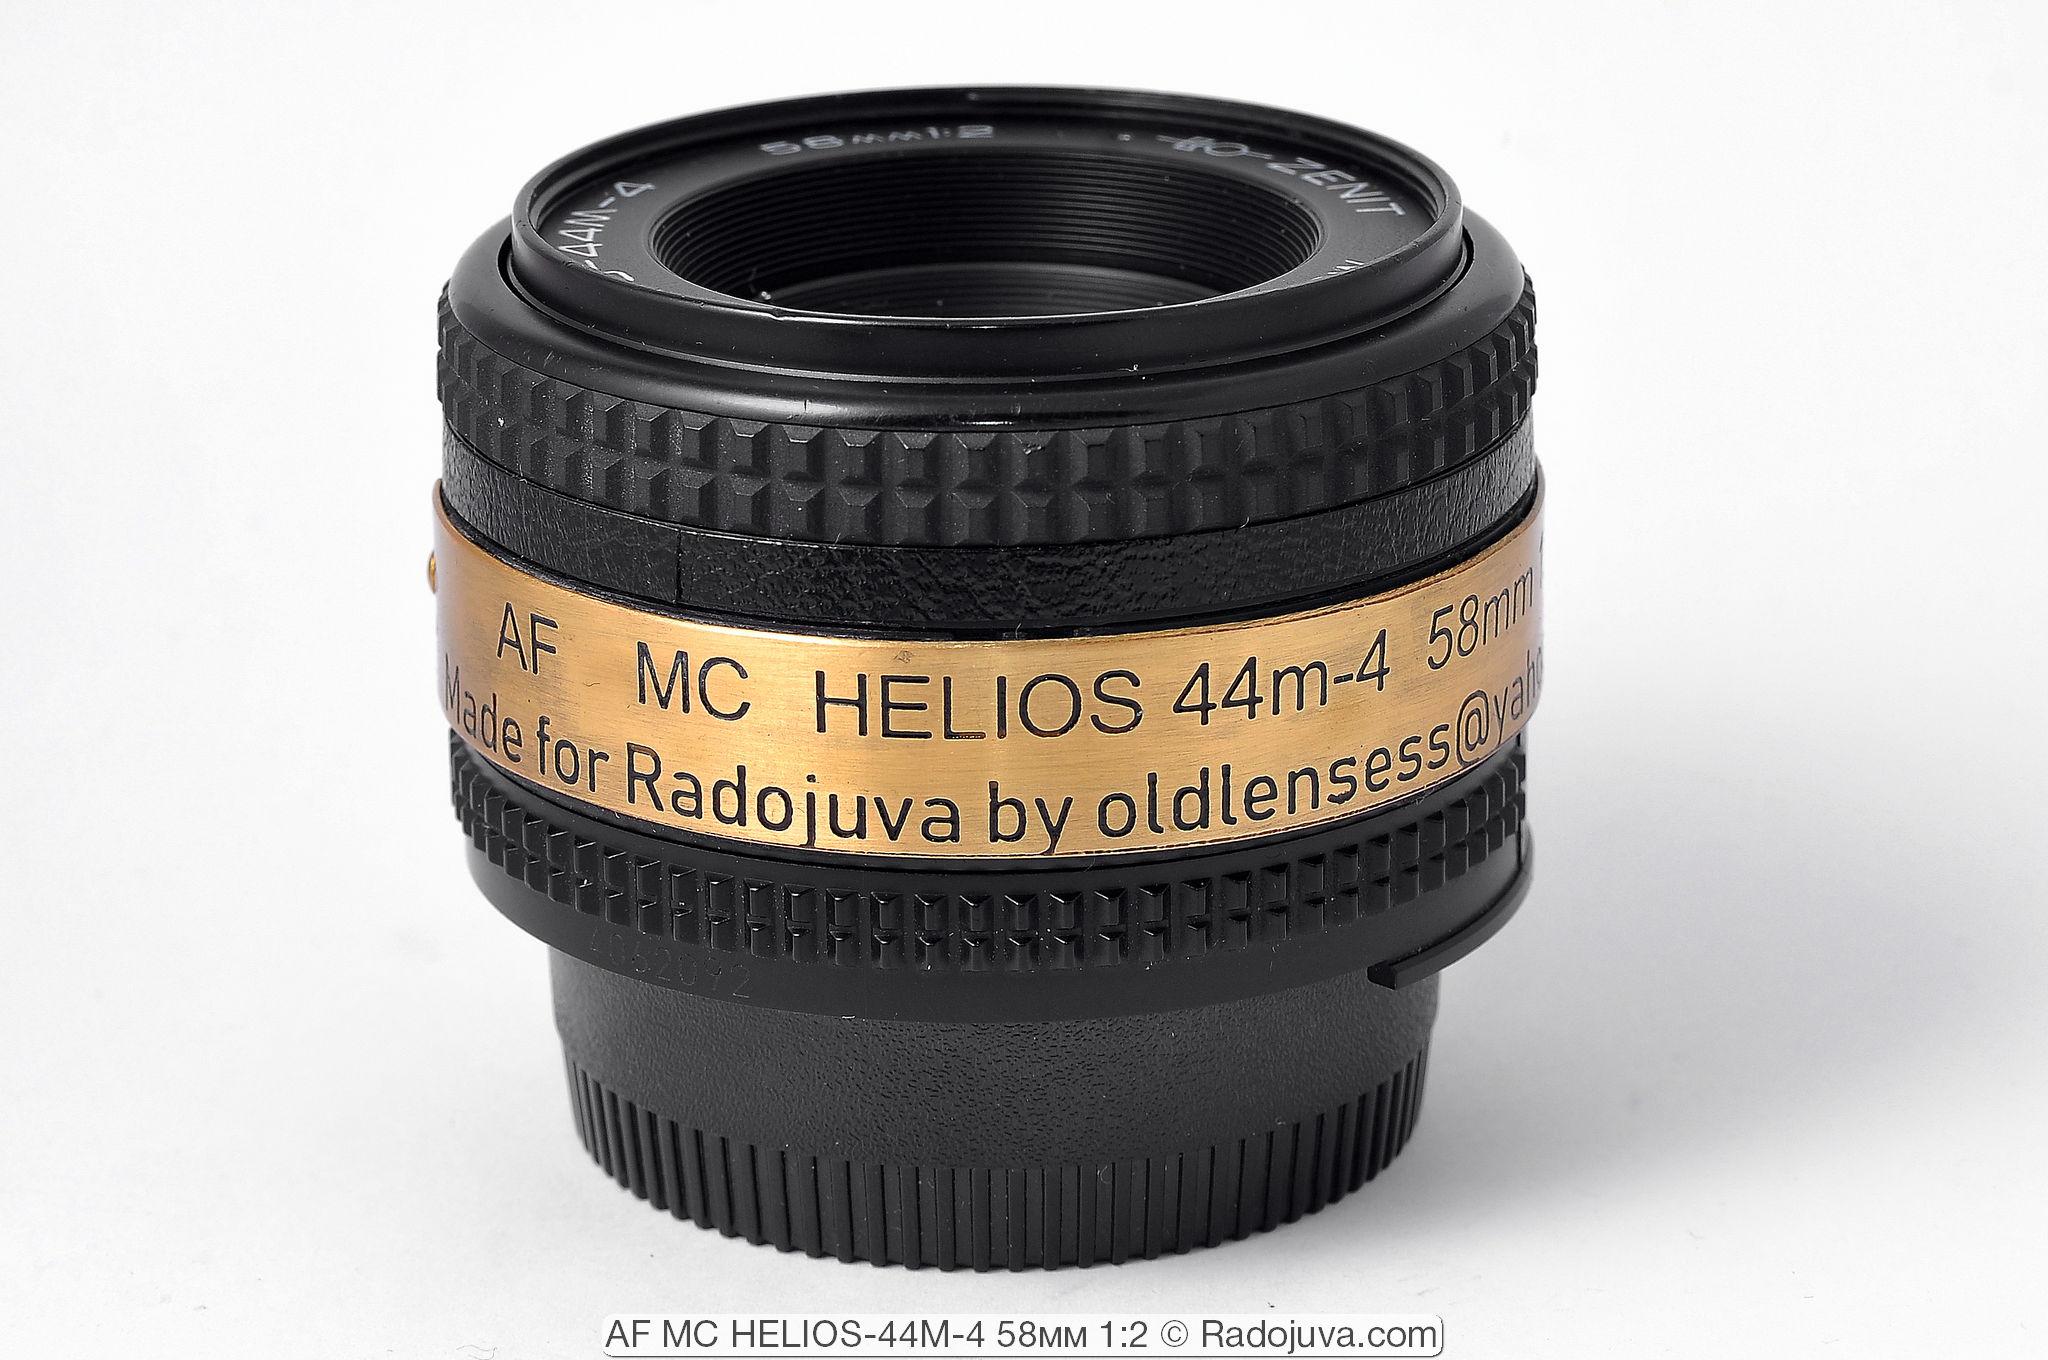 AF MC HELIOS-44M-4 58mm 1:2